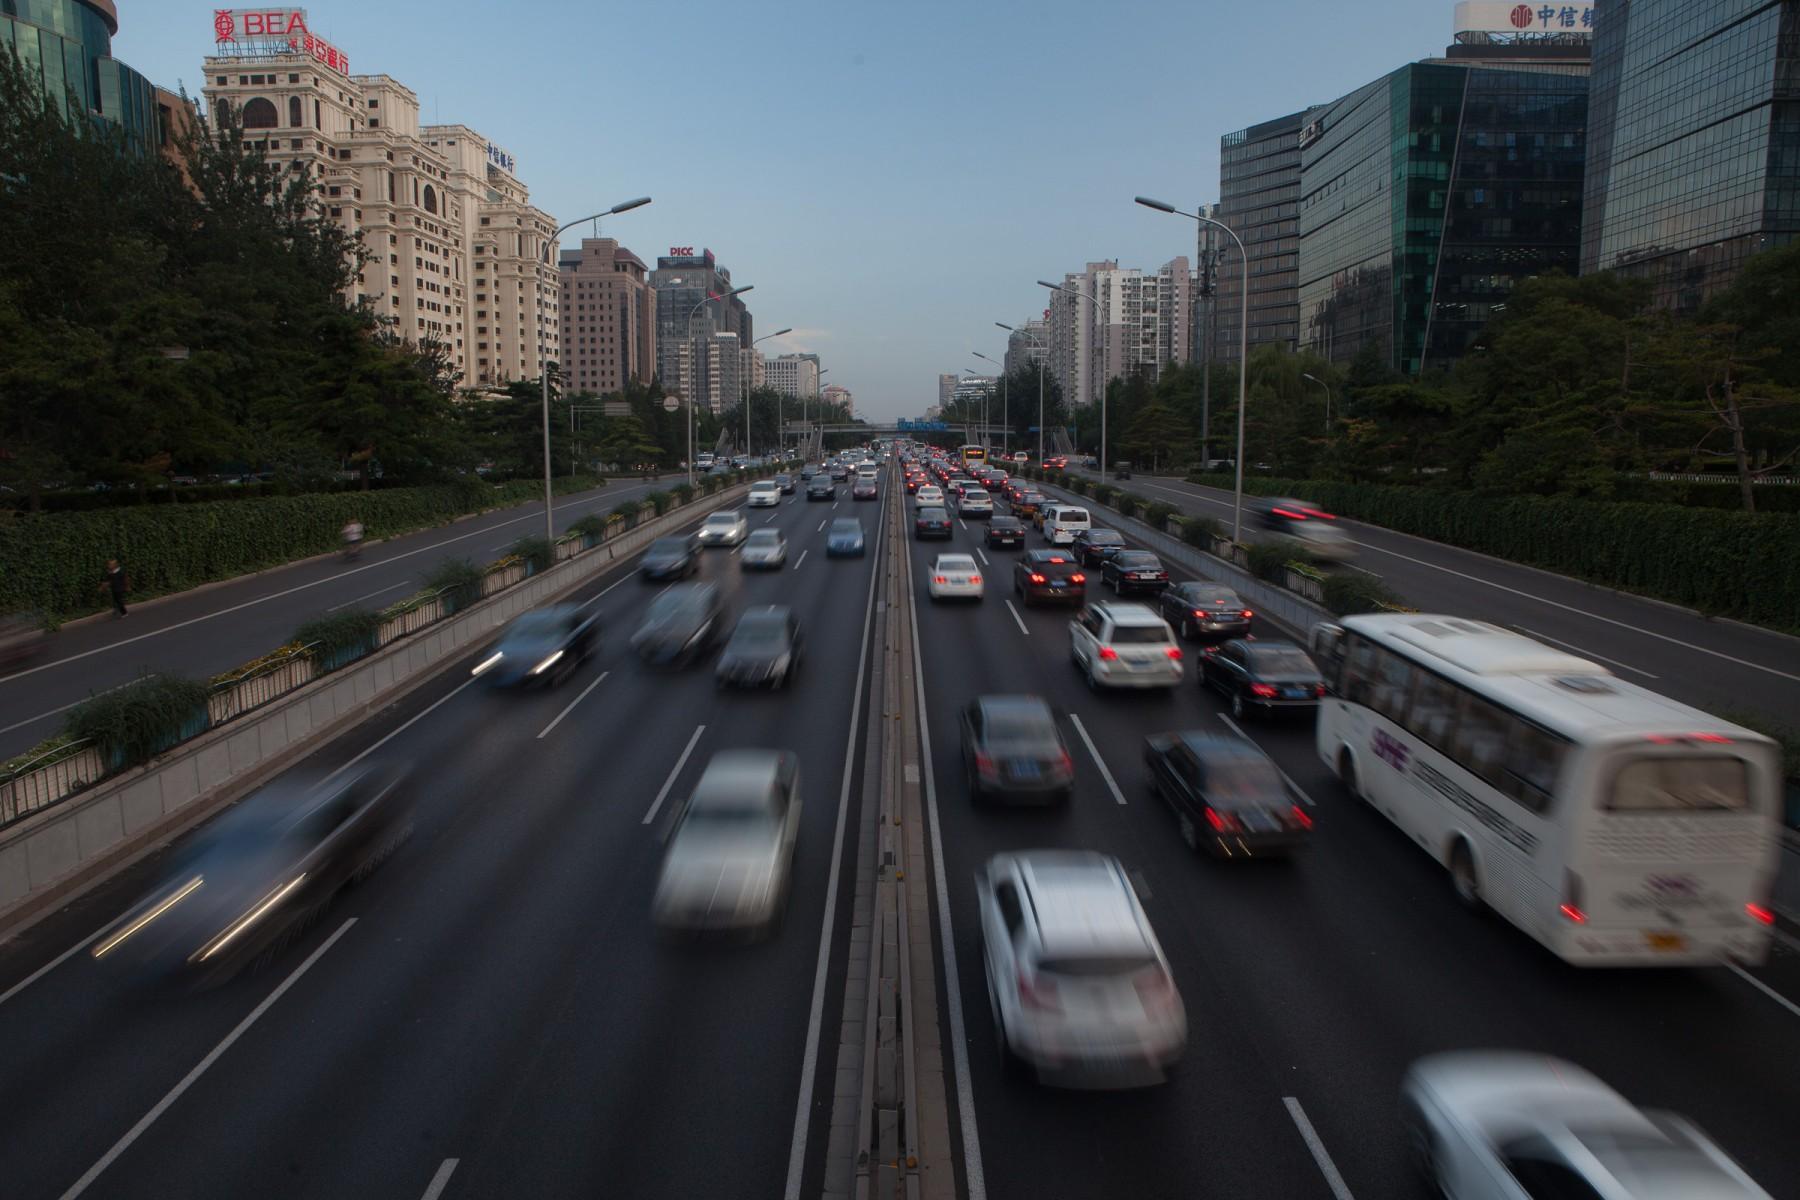 Beijing highway traffic